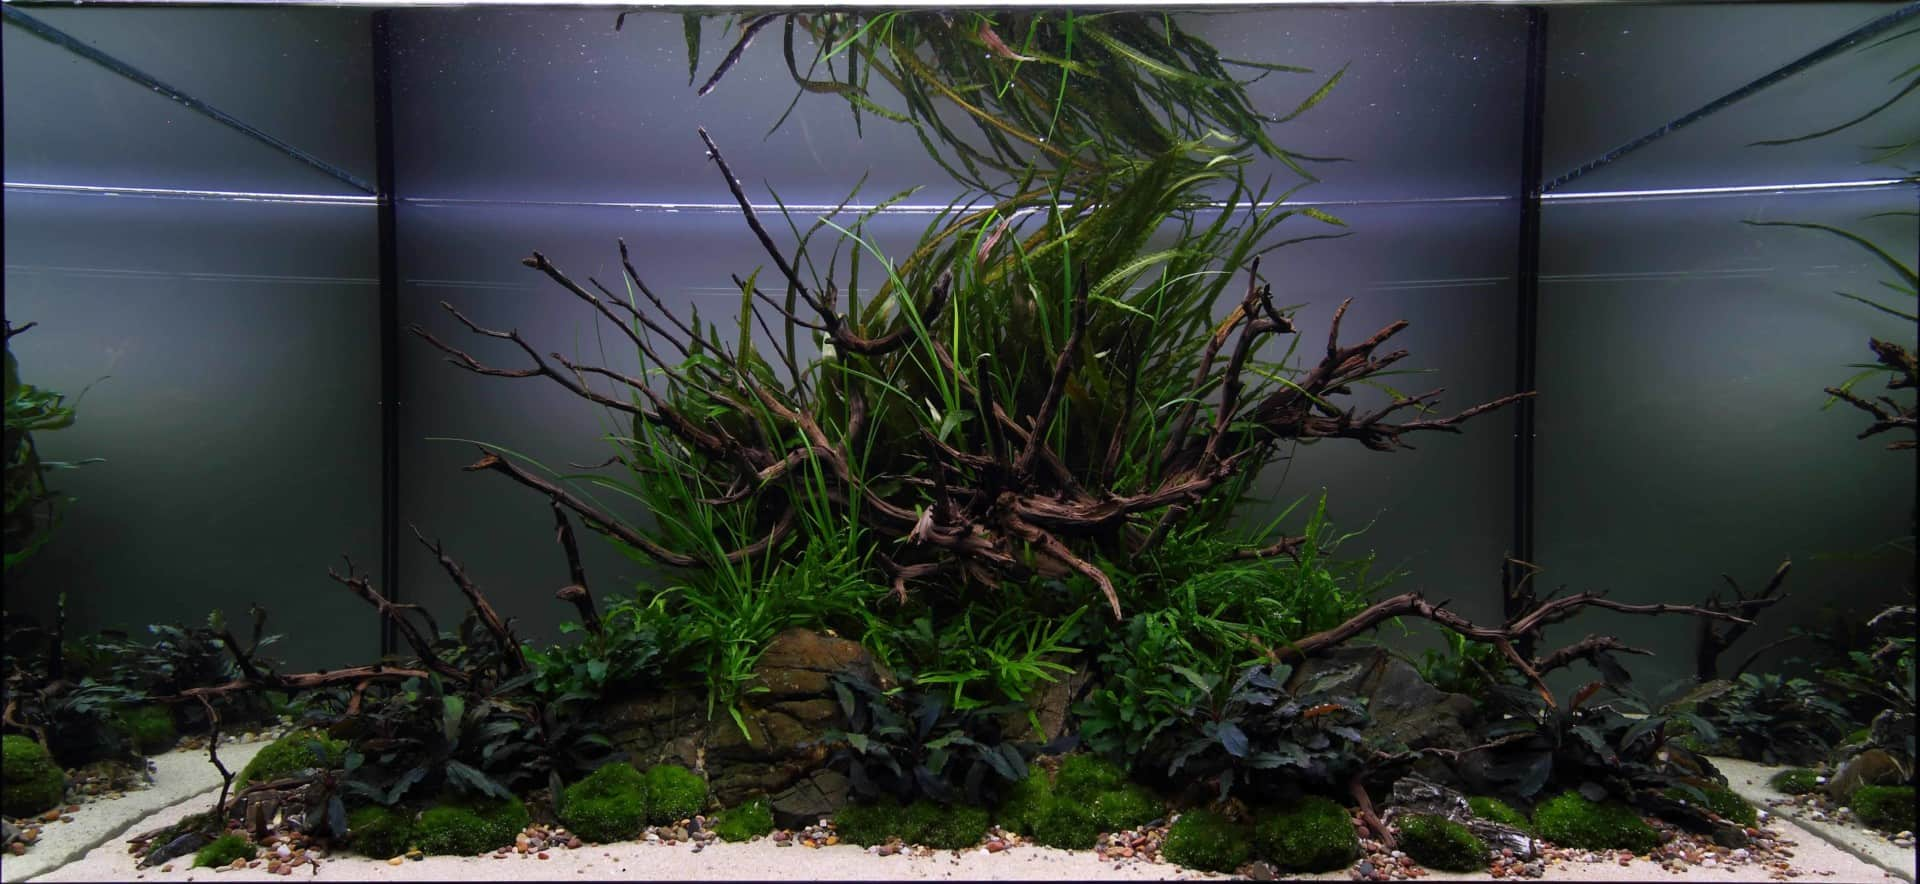 191 - The Art of the Planted Aquarium - Neuheiten und Möglichkeiten zum Mitmachen im April 2019 (Stefanie Hesse) 43